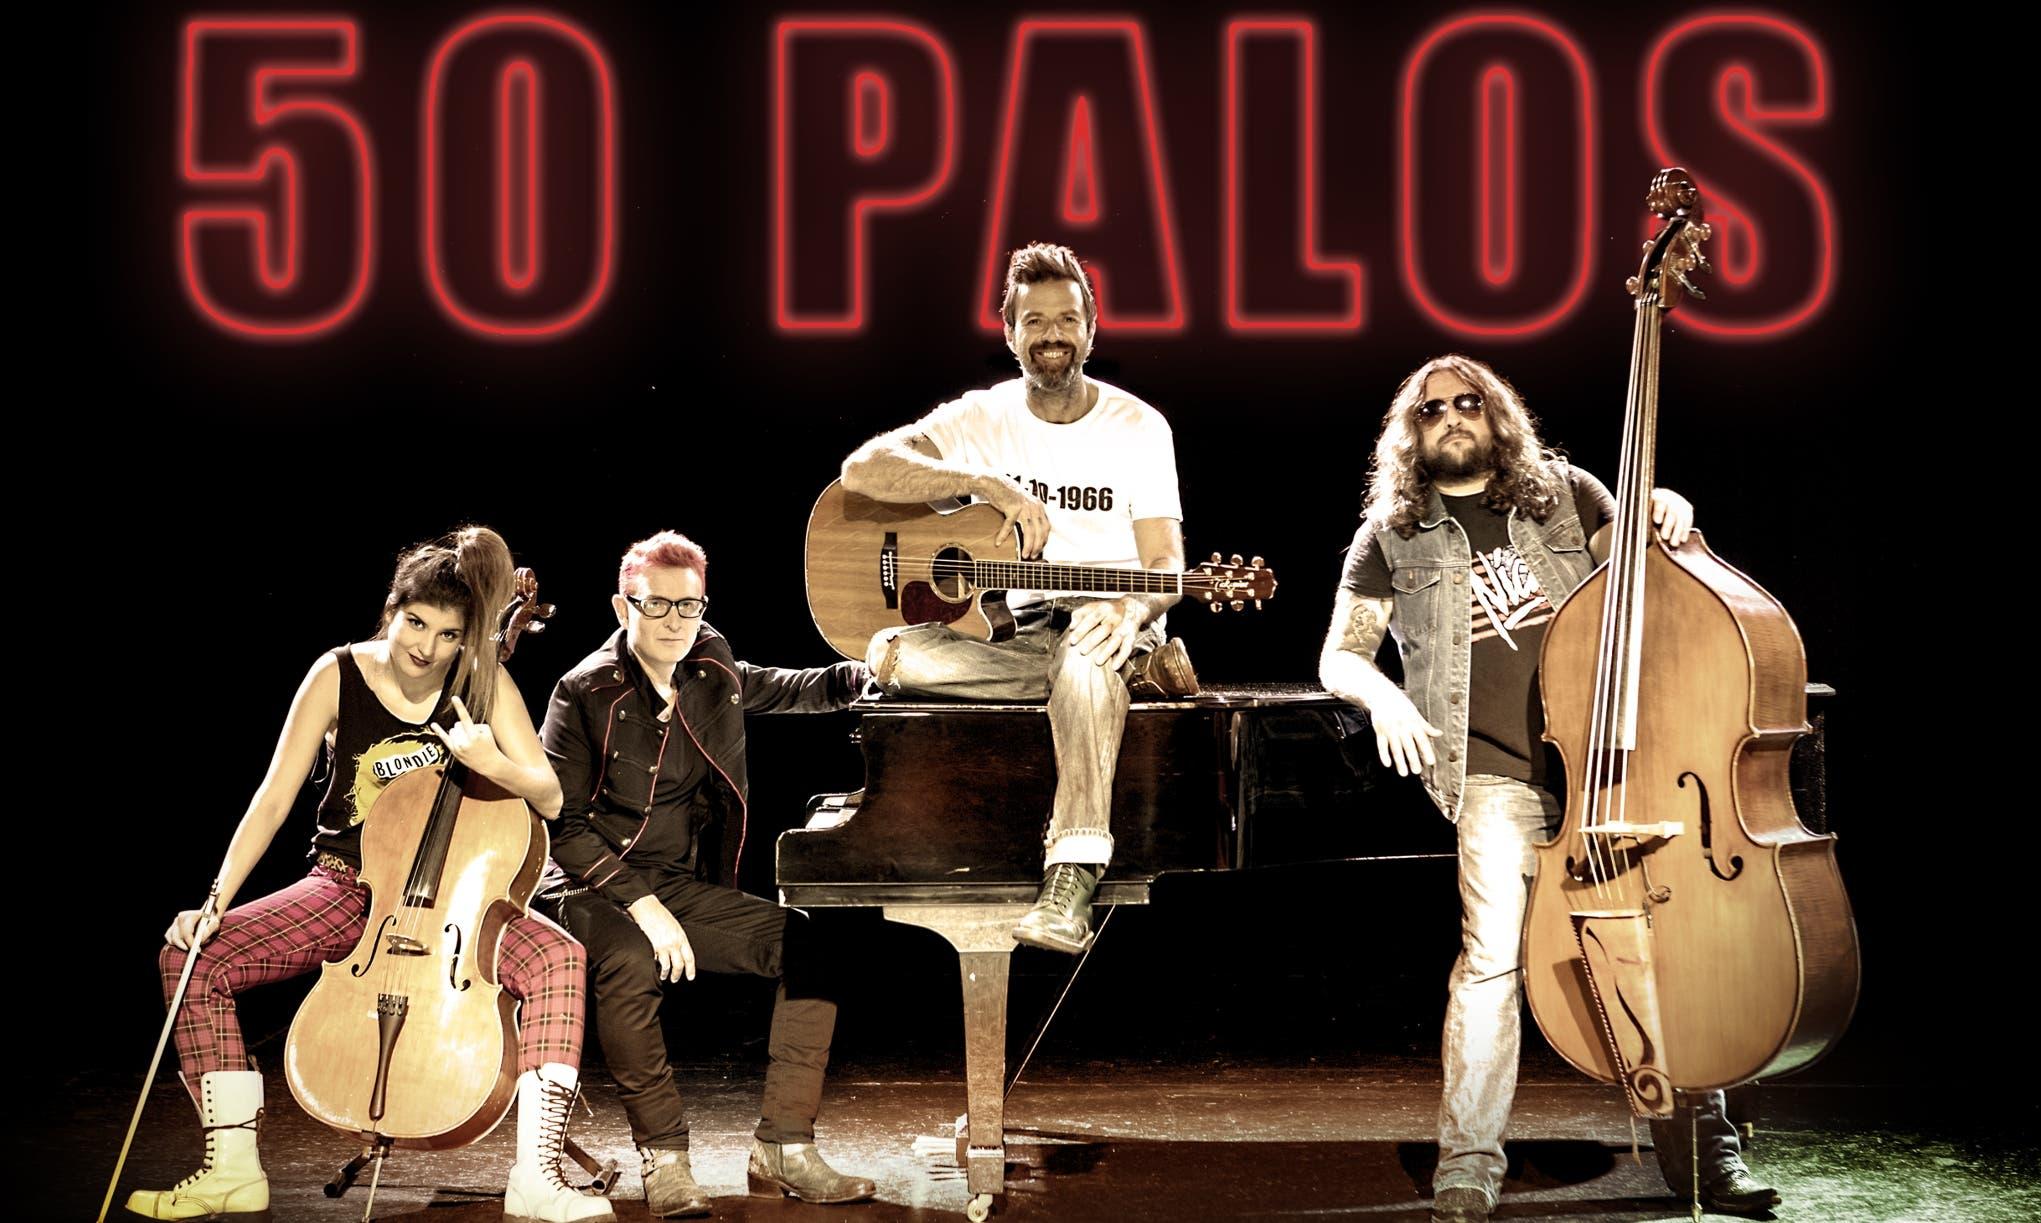 Pau Donés,  quien esstá celebrando sus 50 años de vida y 20 de su agrupación Jarabe de Palo, traerá un concierto memorable para todos sus seguidores.